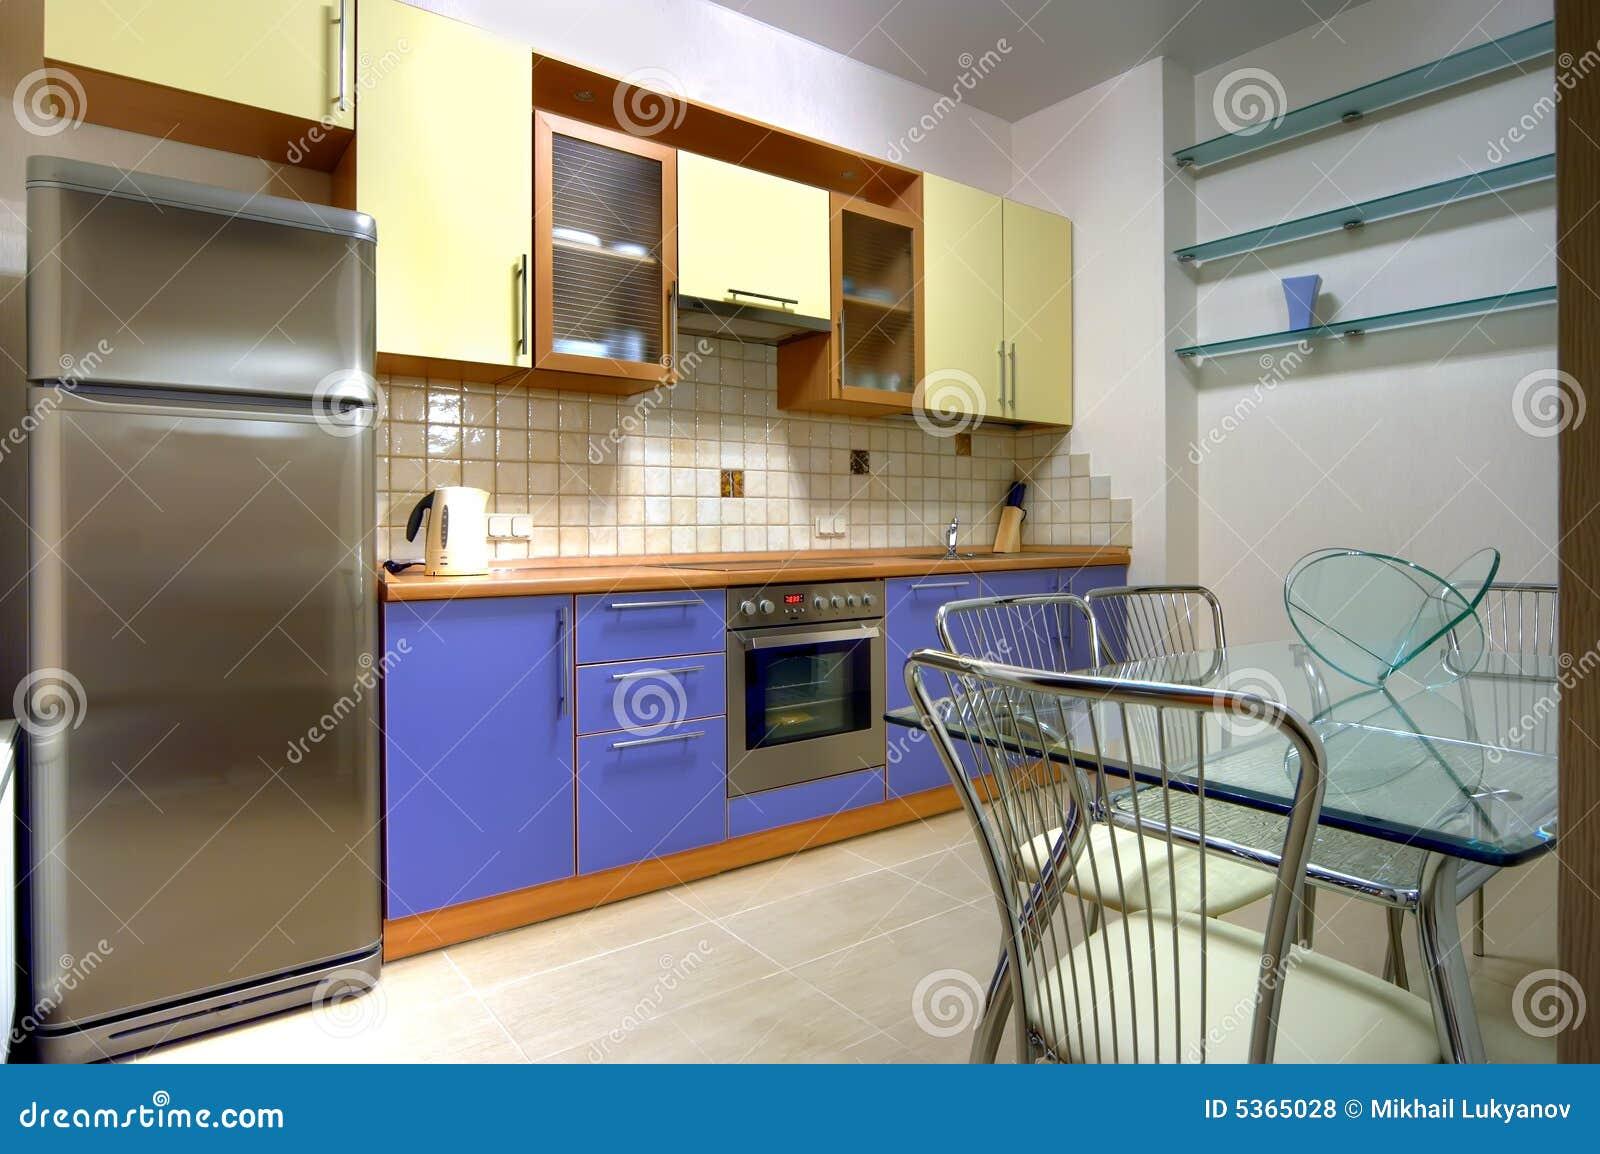 cuisine avec construite dans des appareils m nagers. Black Bedroom Furniture Sets. Home Design Ideas